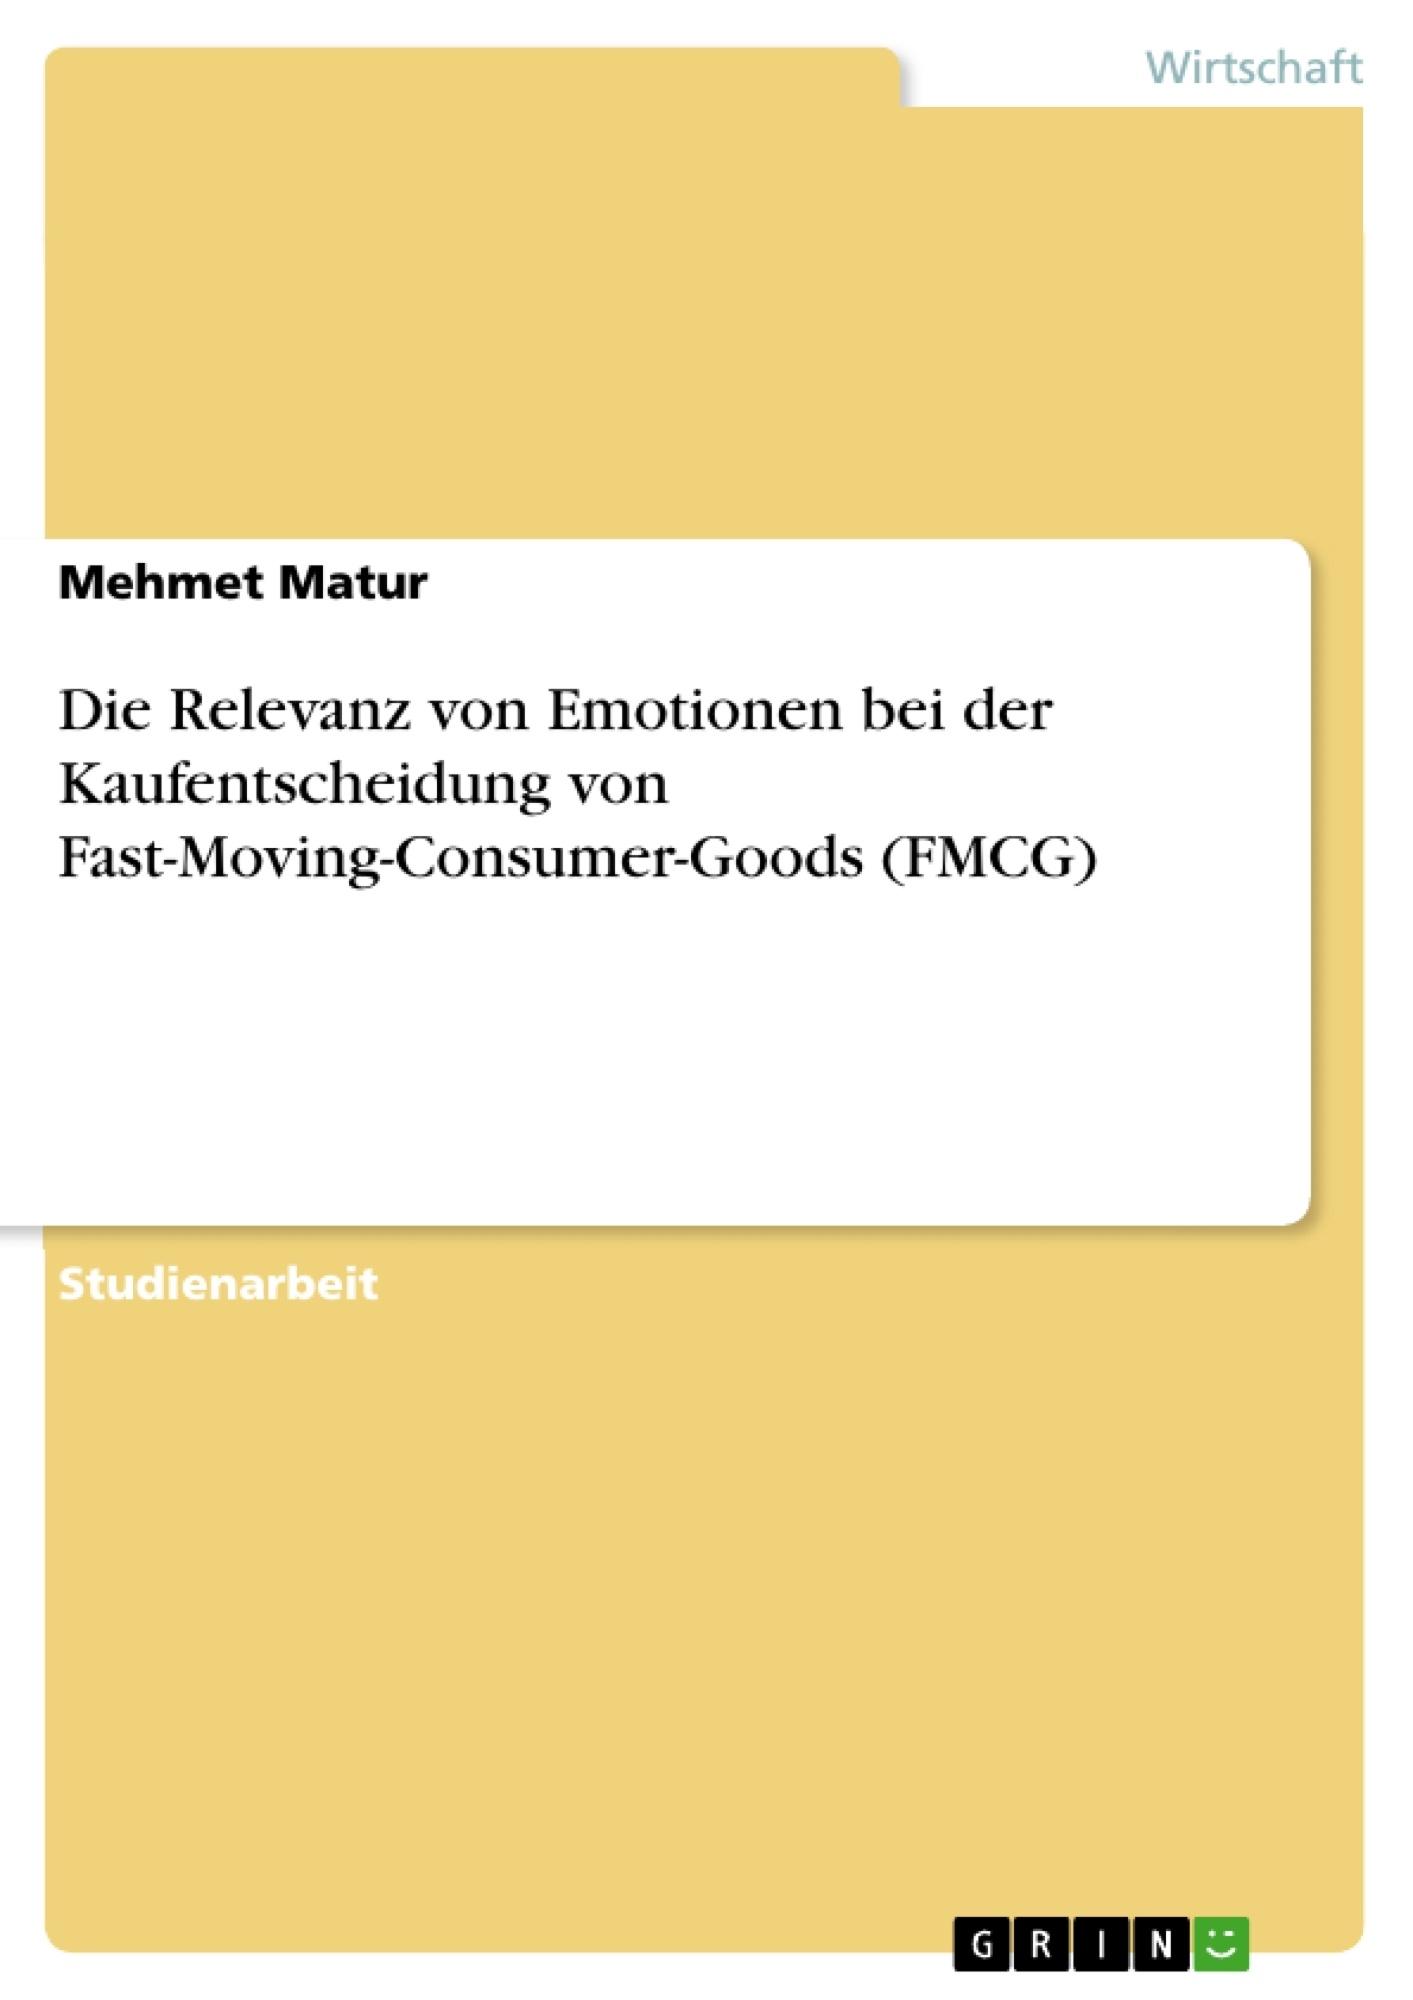 Titel: Die Relevanz von Emotionen bei der Kaufentscheidung von Fast-Moving-Consumer-Goods (FMCG)